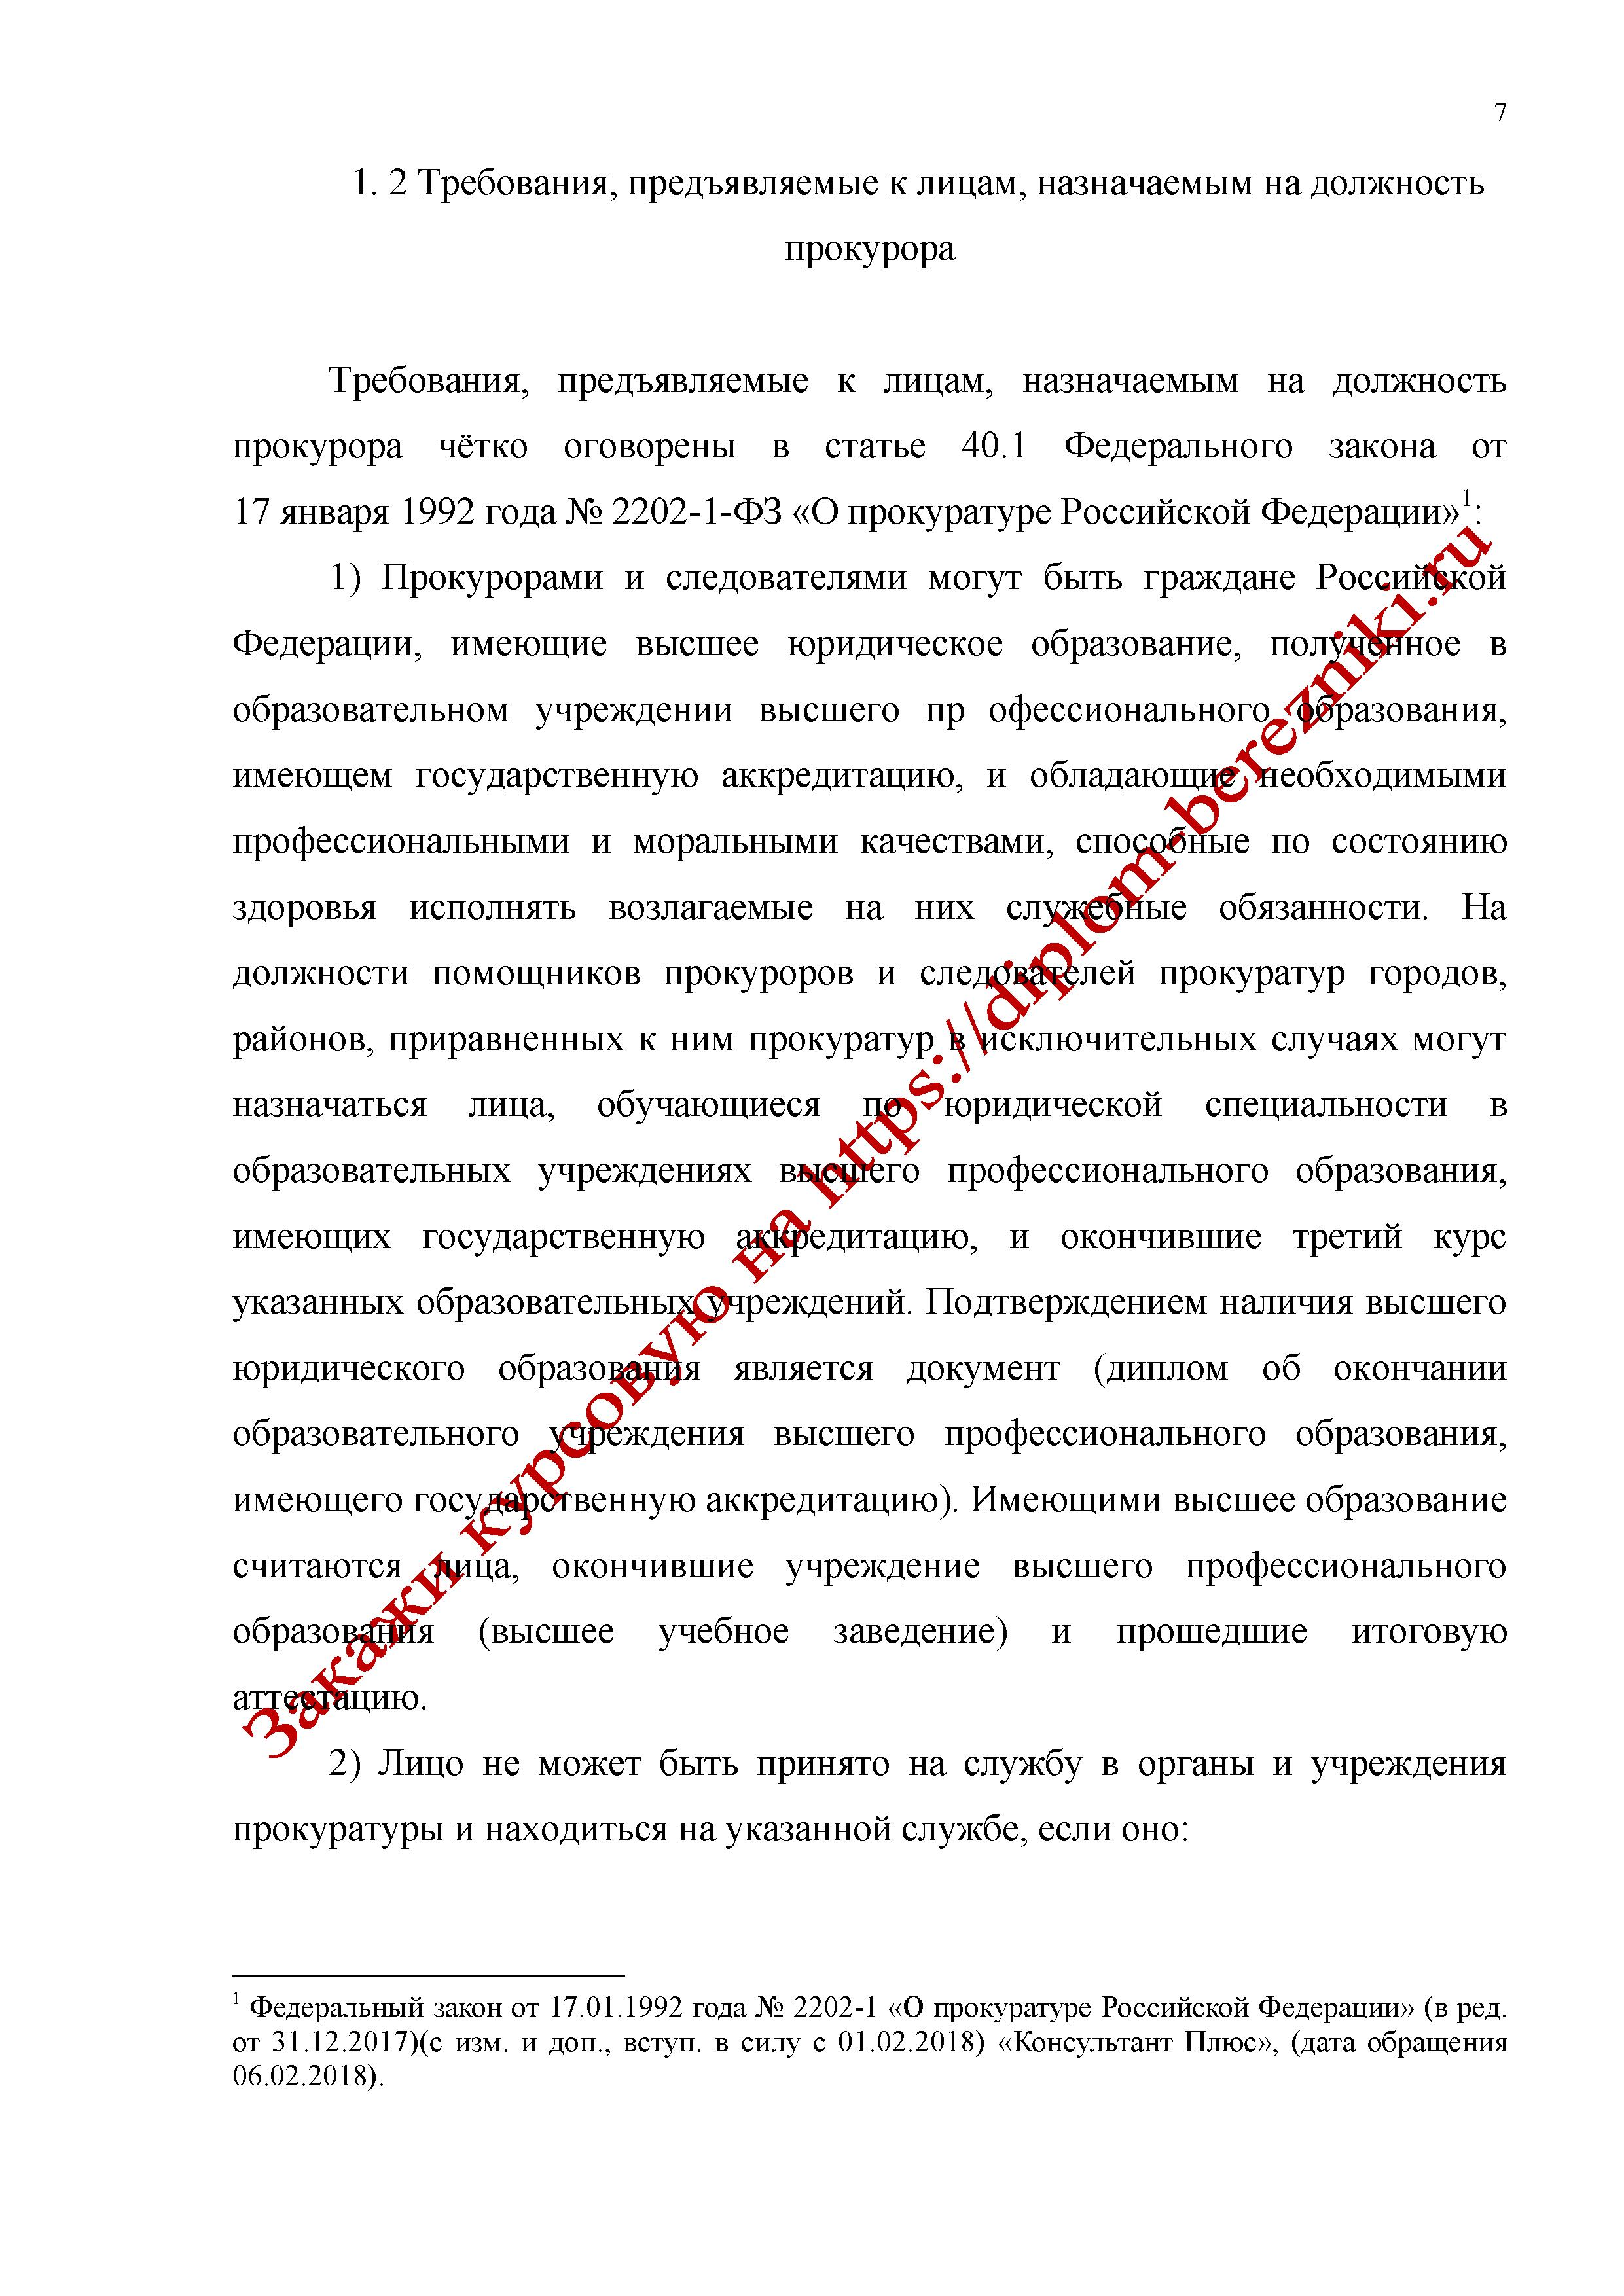 Требования, предъявляемые к лицам, назначаемым на должность прокурора